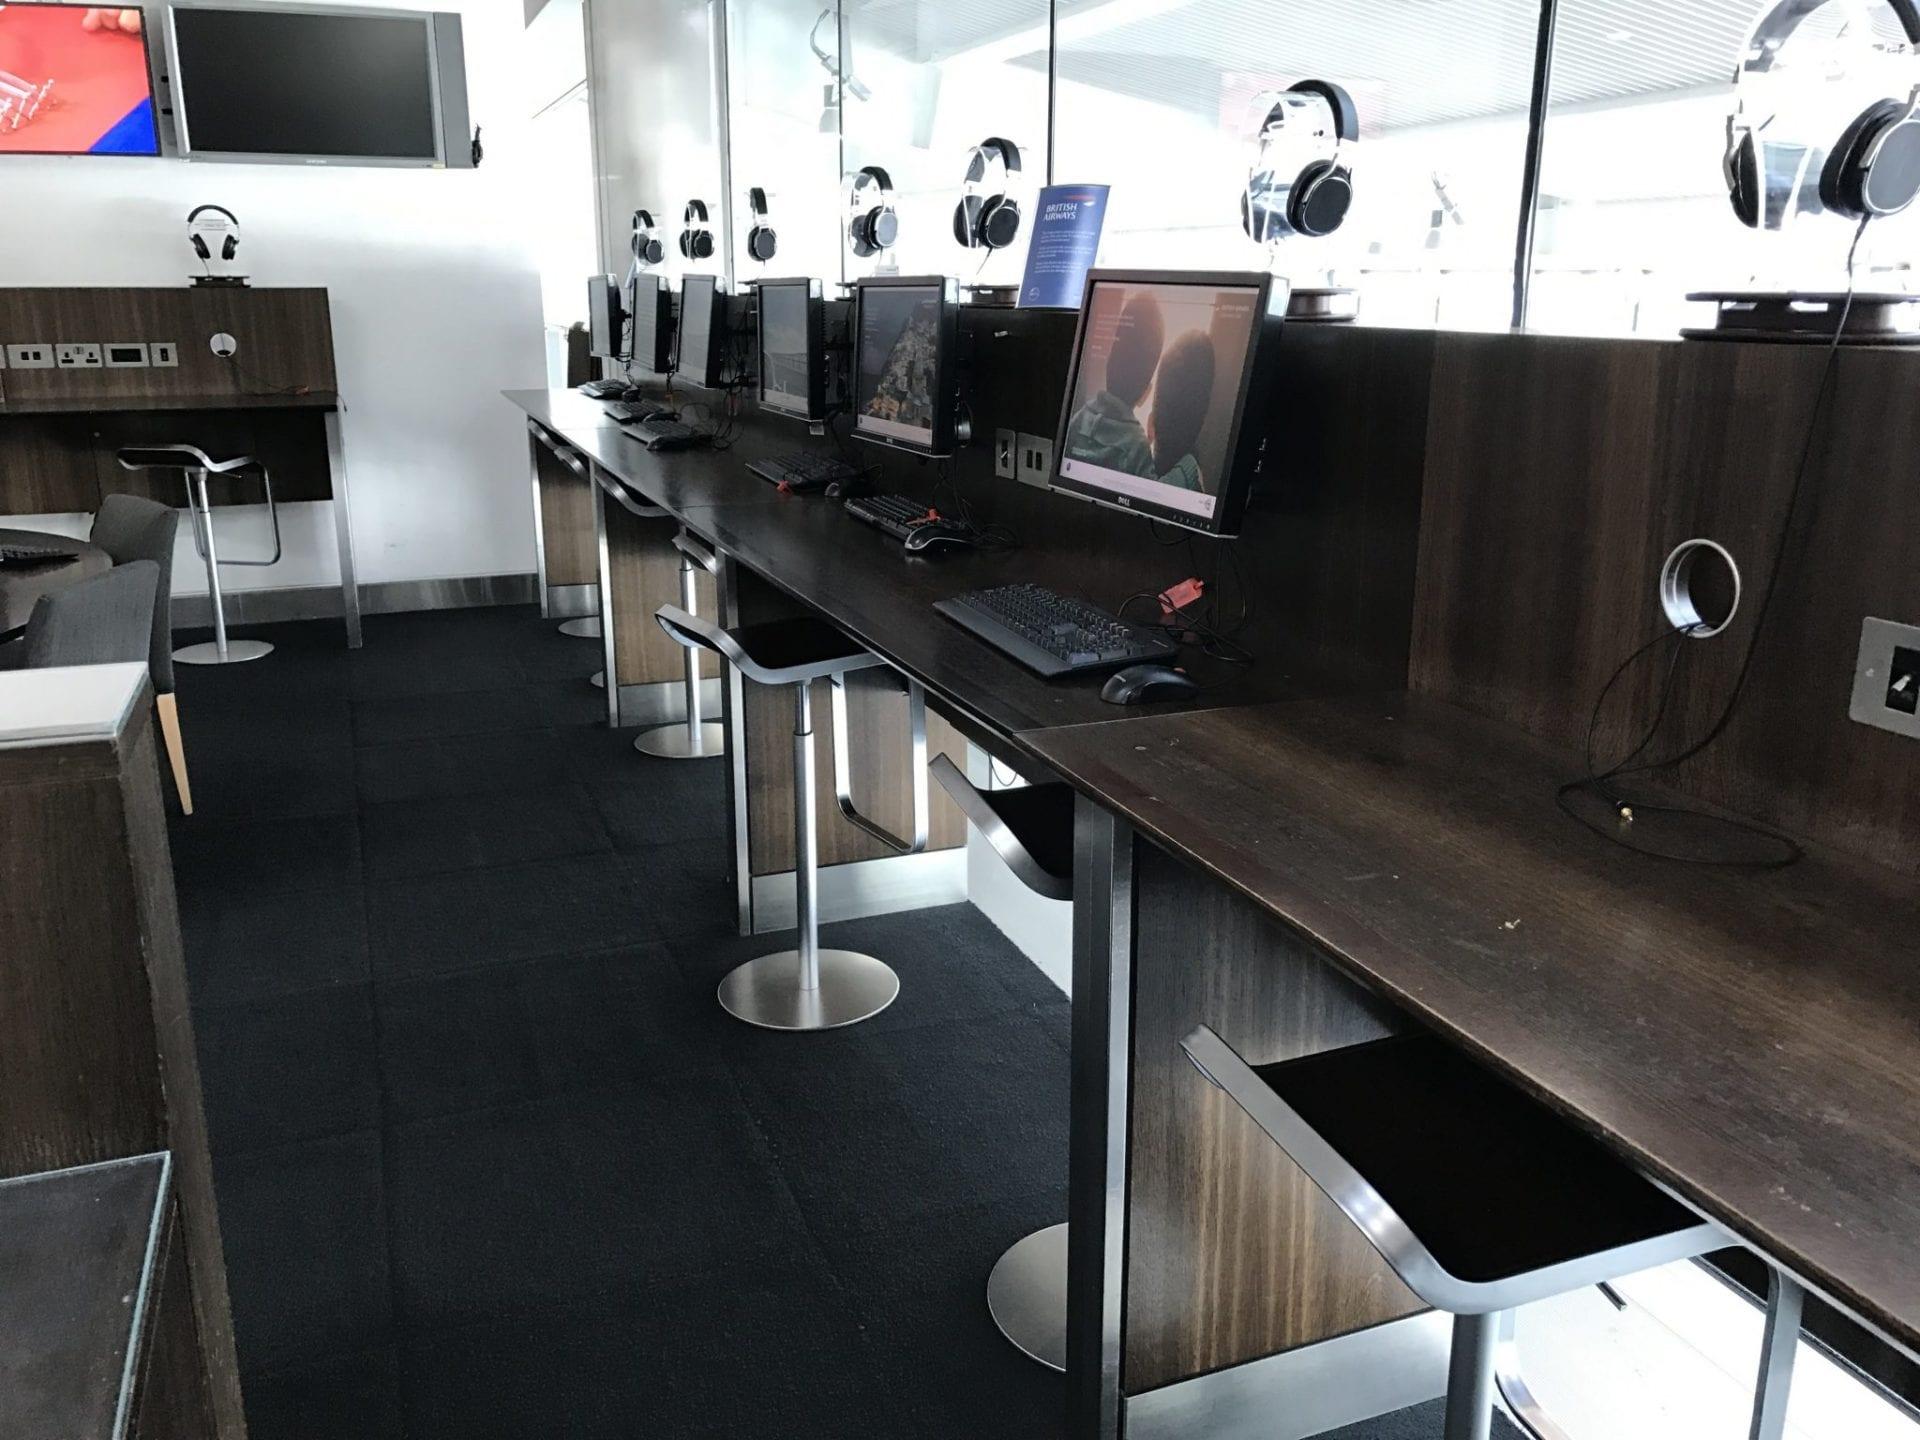 british-airways-galleries-lounge-london-heathrow-terminal-5b-business-center